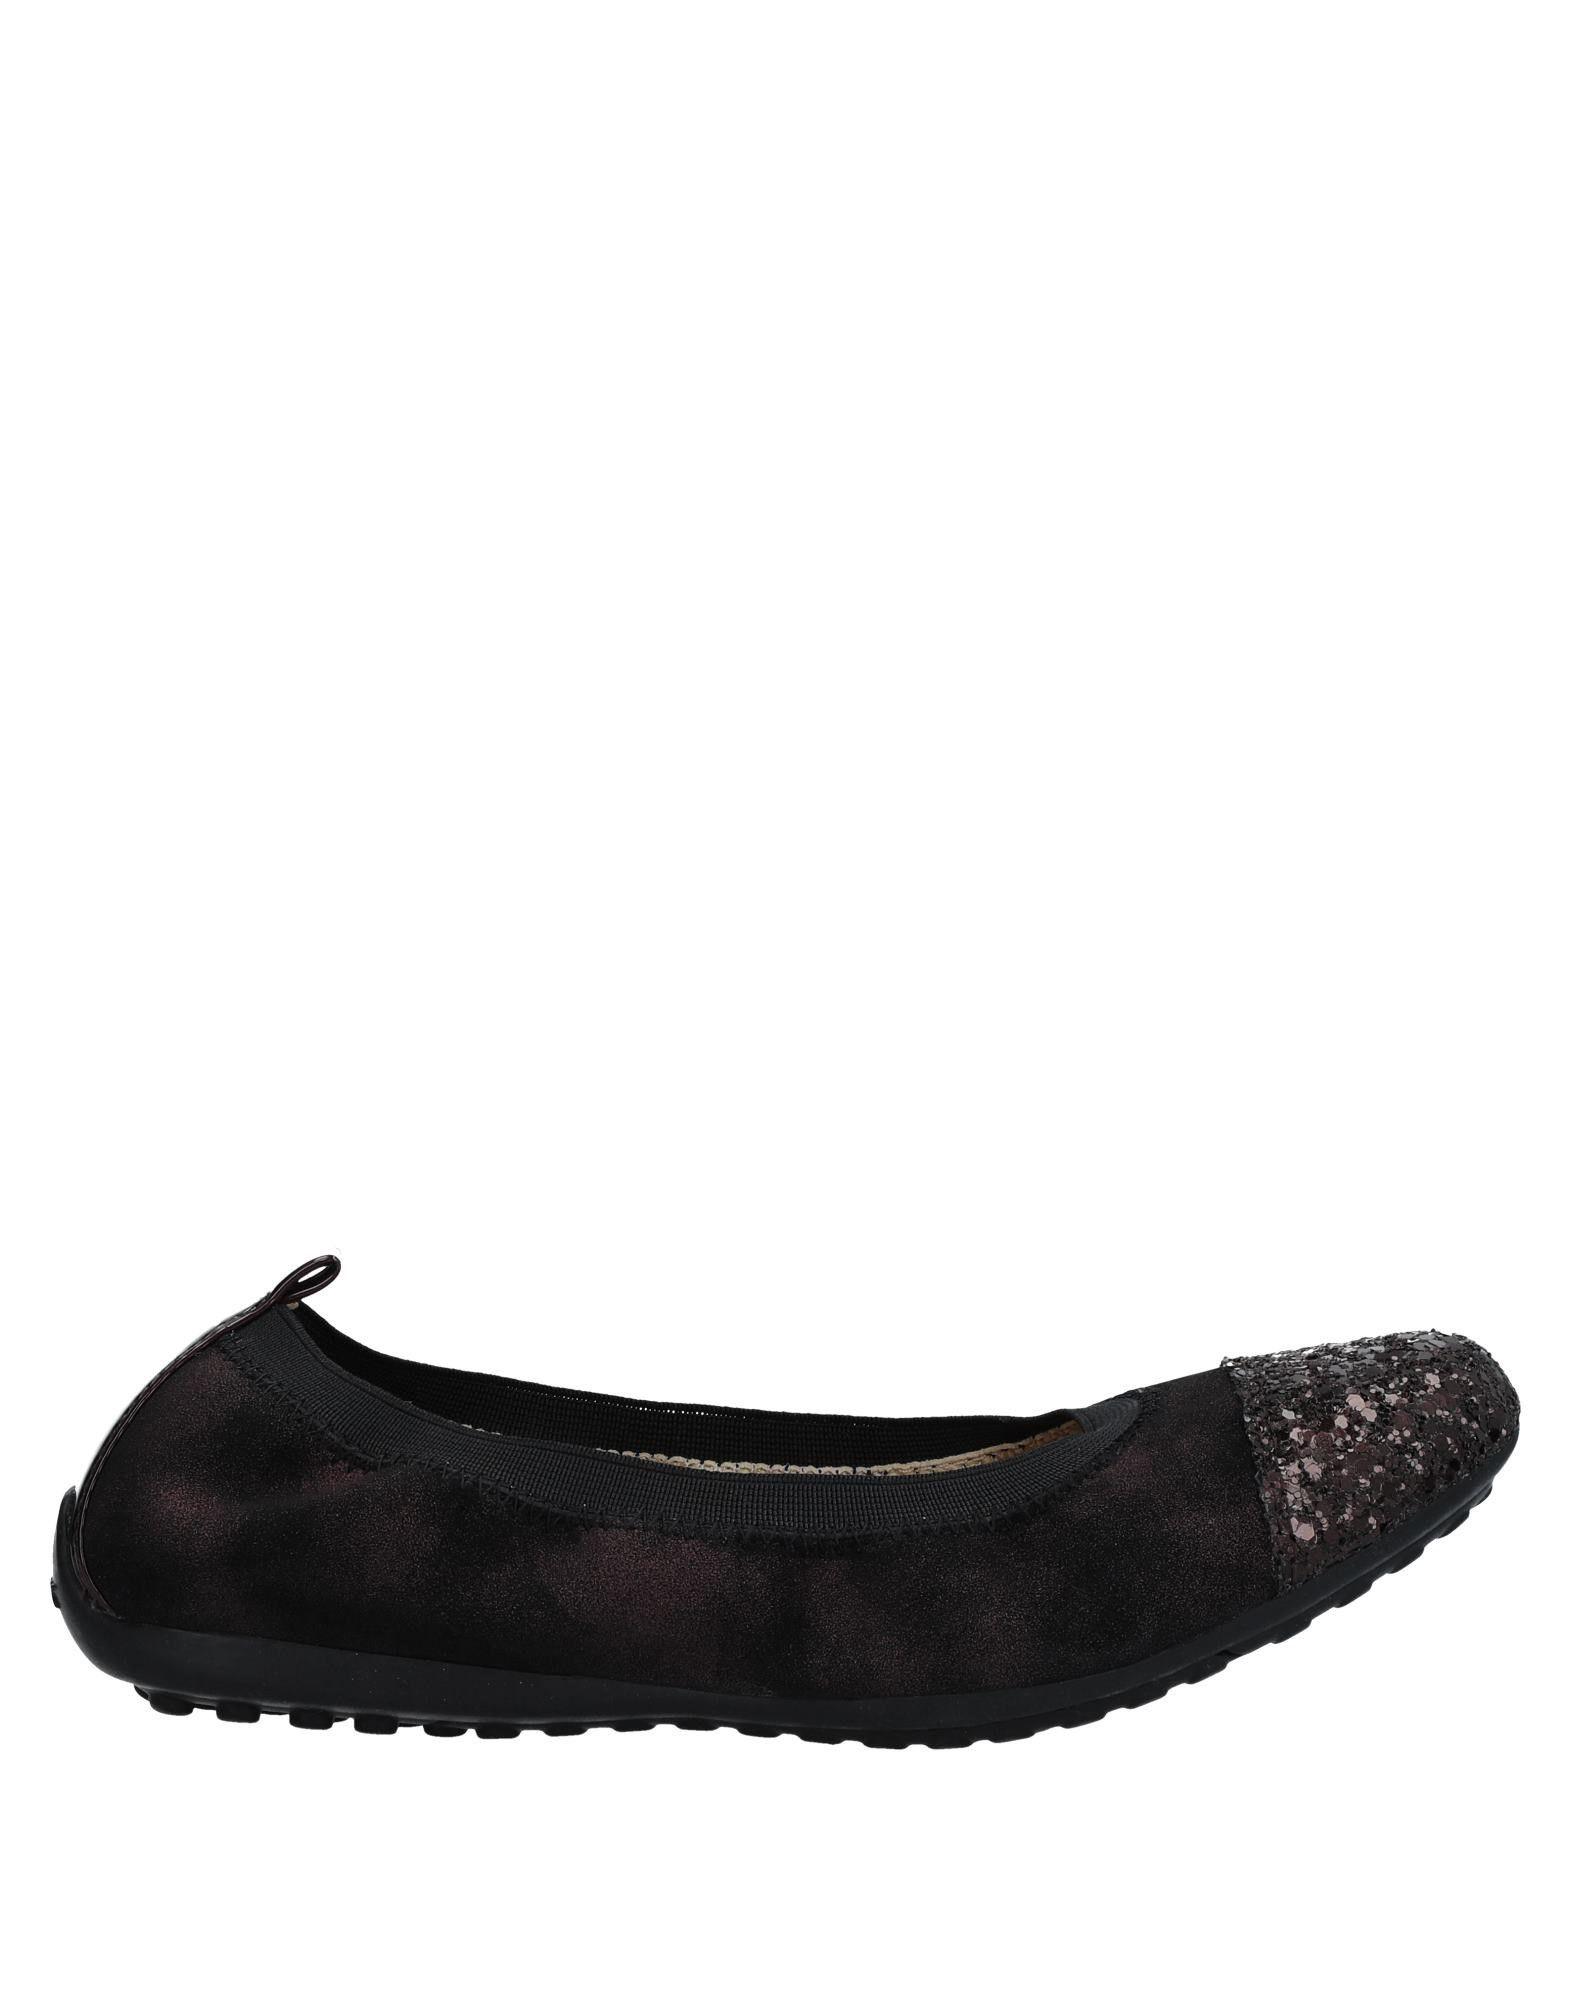 Geox Ballerinas Damen  11540641SK Gute Qualität beliebte beliebte beliebte Schuhe 949946